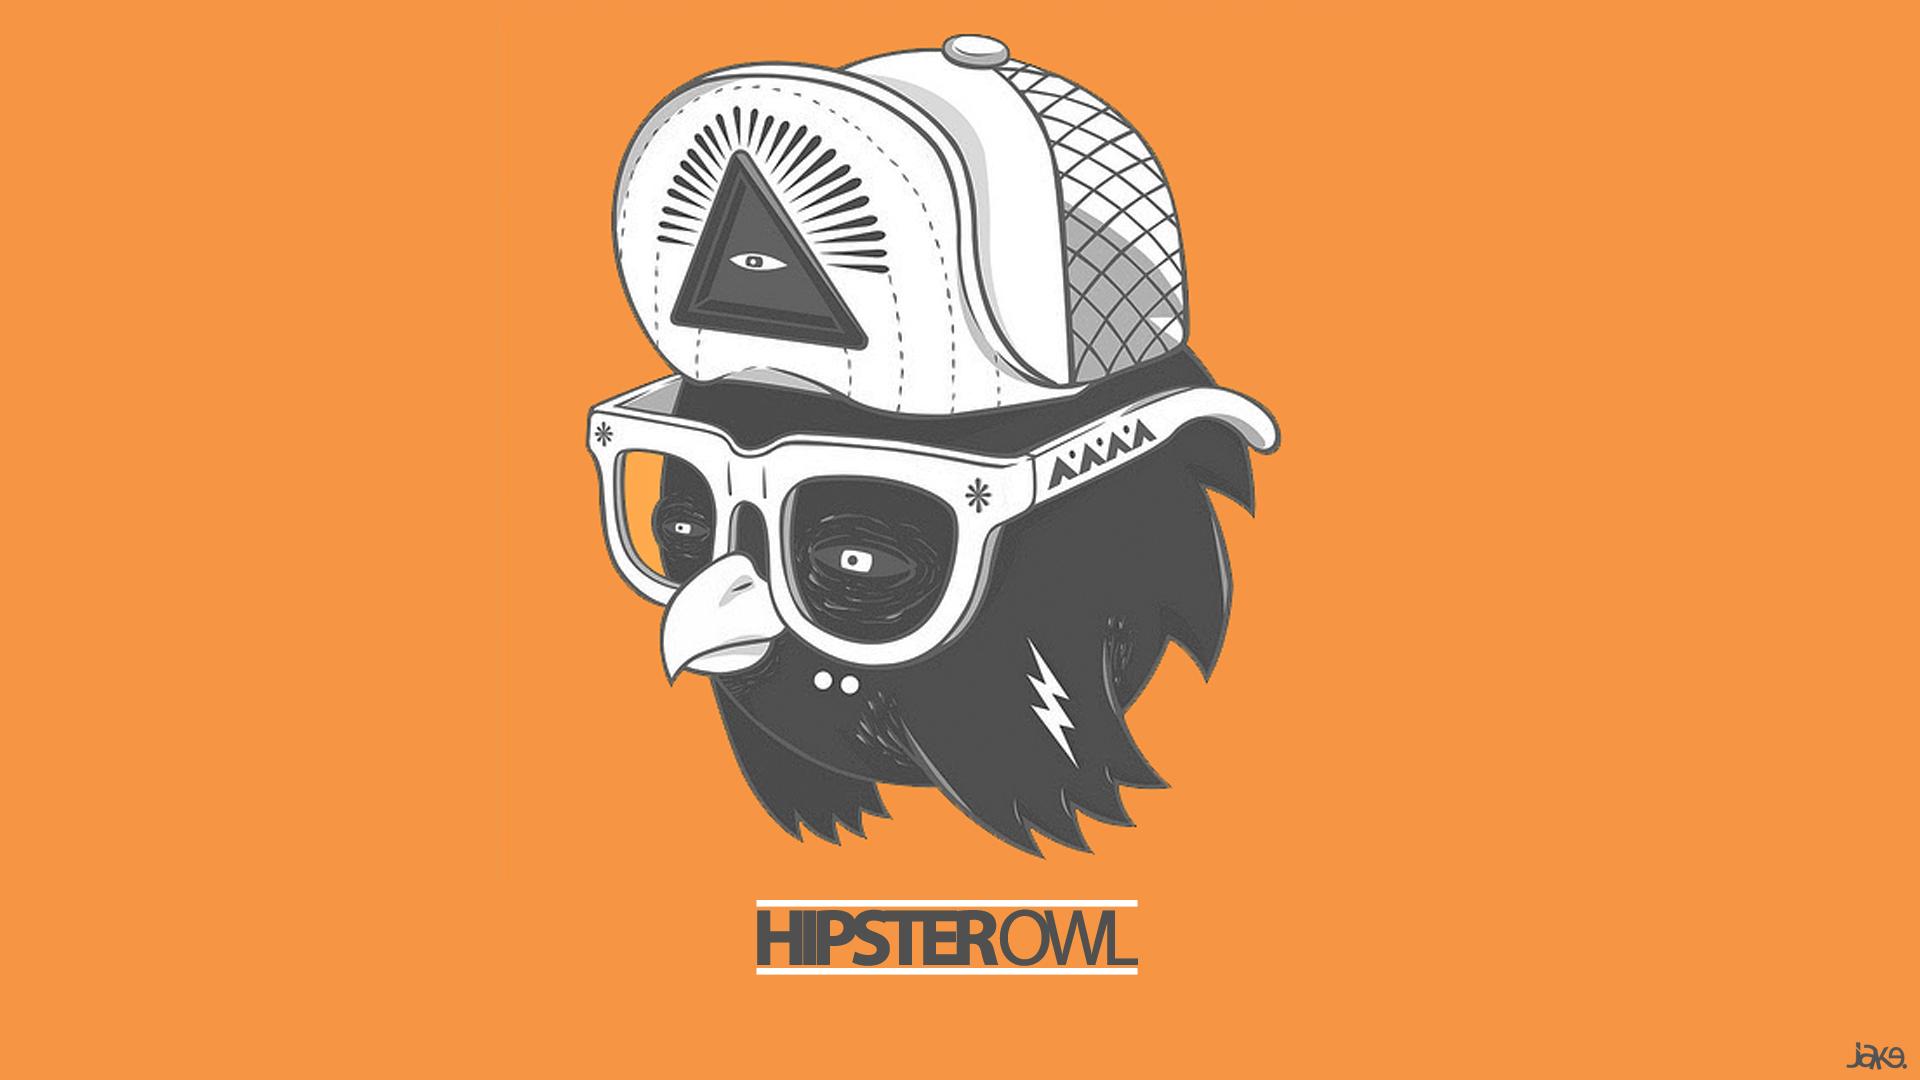 Hd wallpaper hipster - Hipster Owl Wallpaper Hipsterowlwallpaper 989676 Triangle Wallpaper